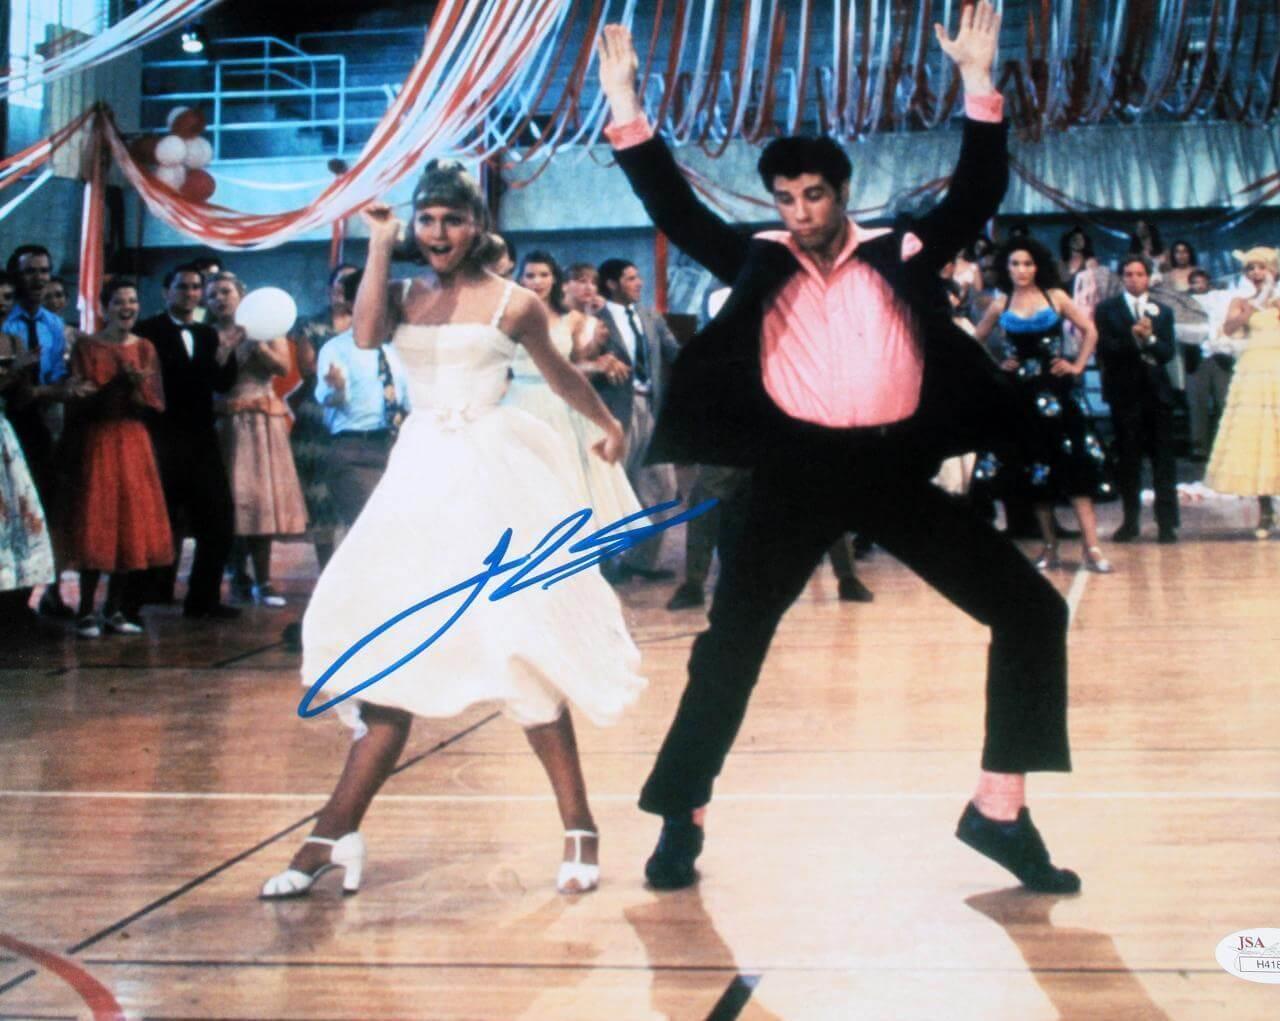 Grease Film Movie Actor - John Travolta Signed 11x14 Photo - COA JSA